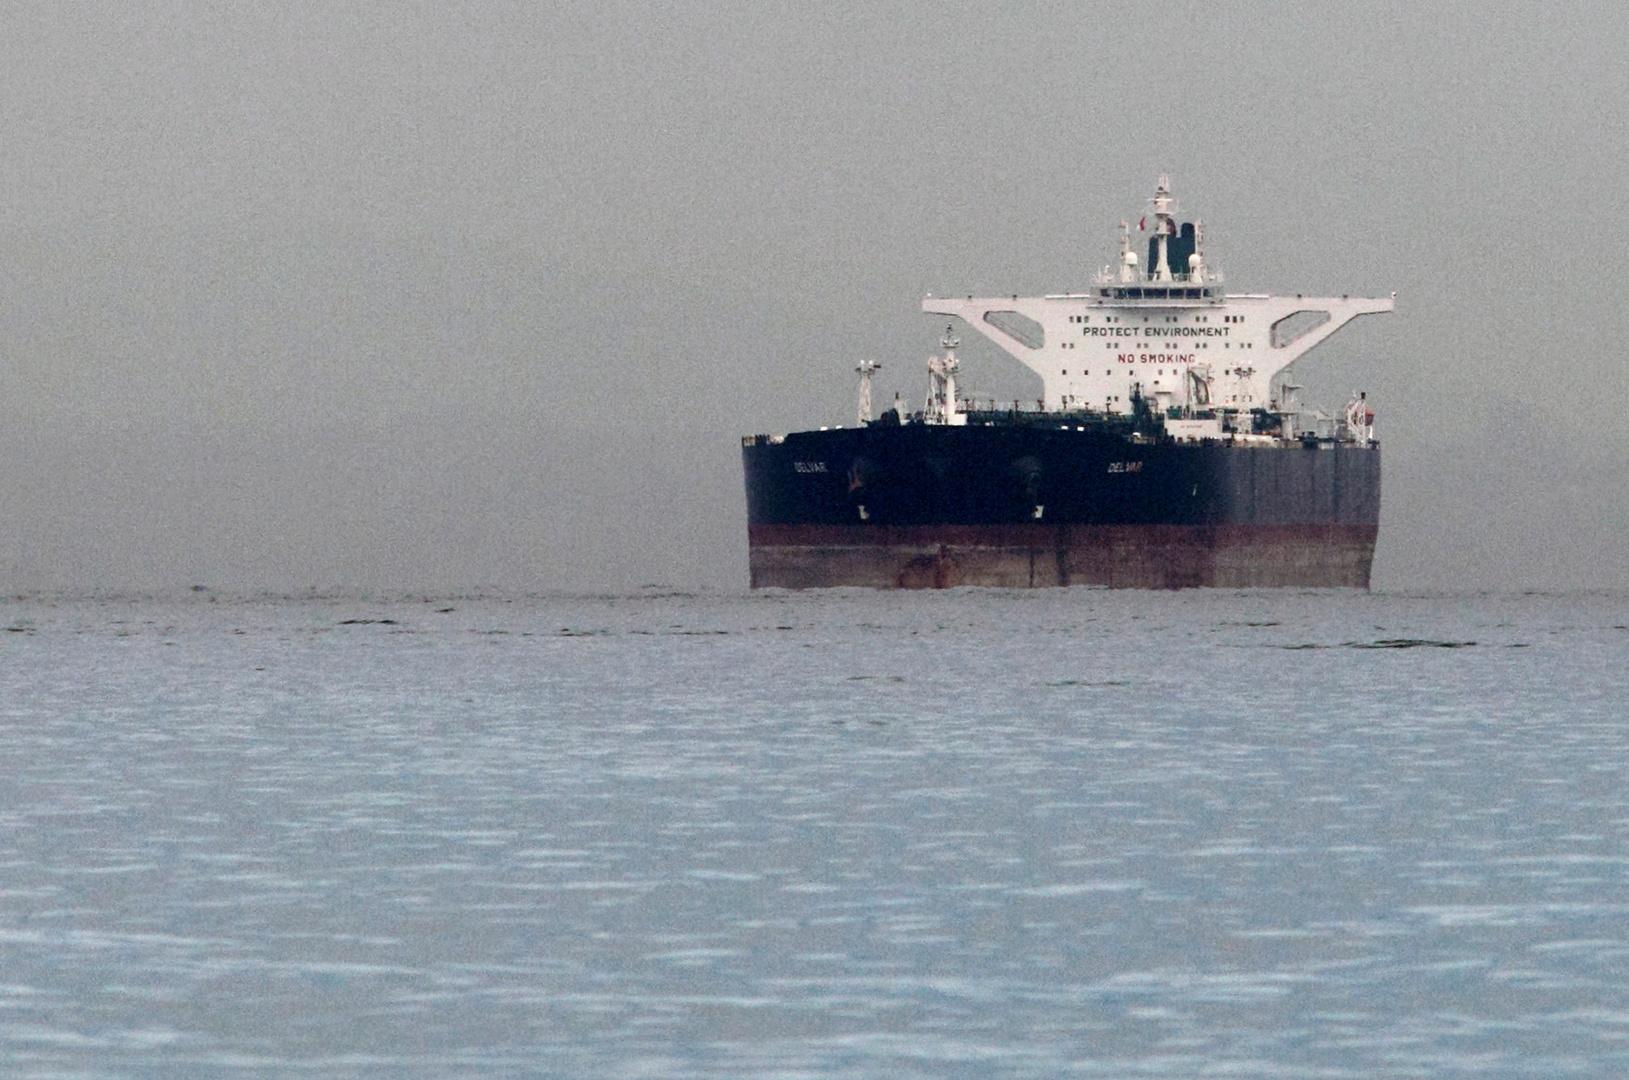 التحالف العربي يحبط هجوما على ناقلة نفط في بحر العرب (صور)